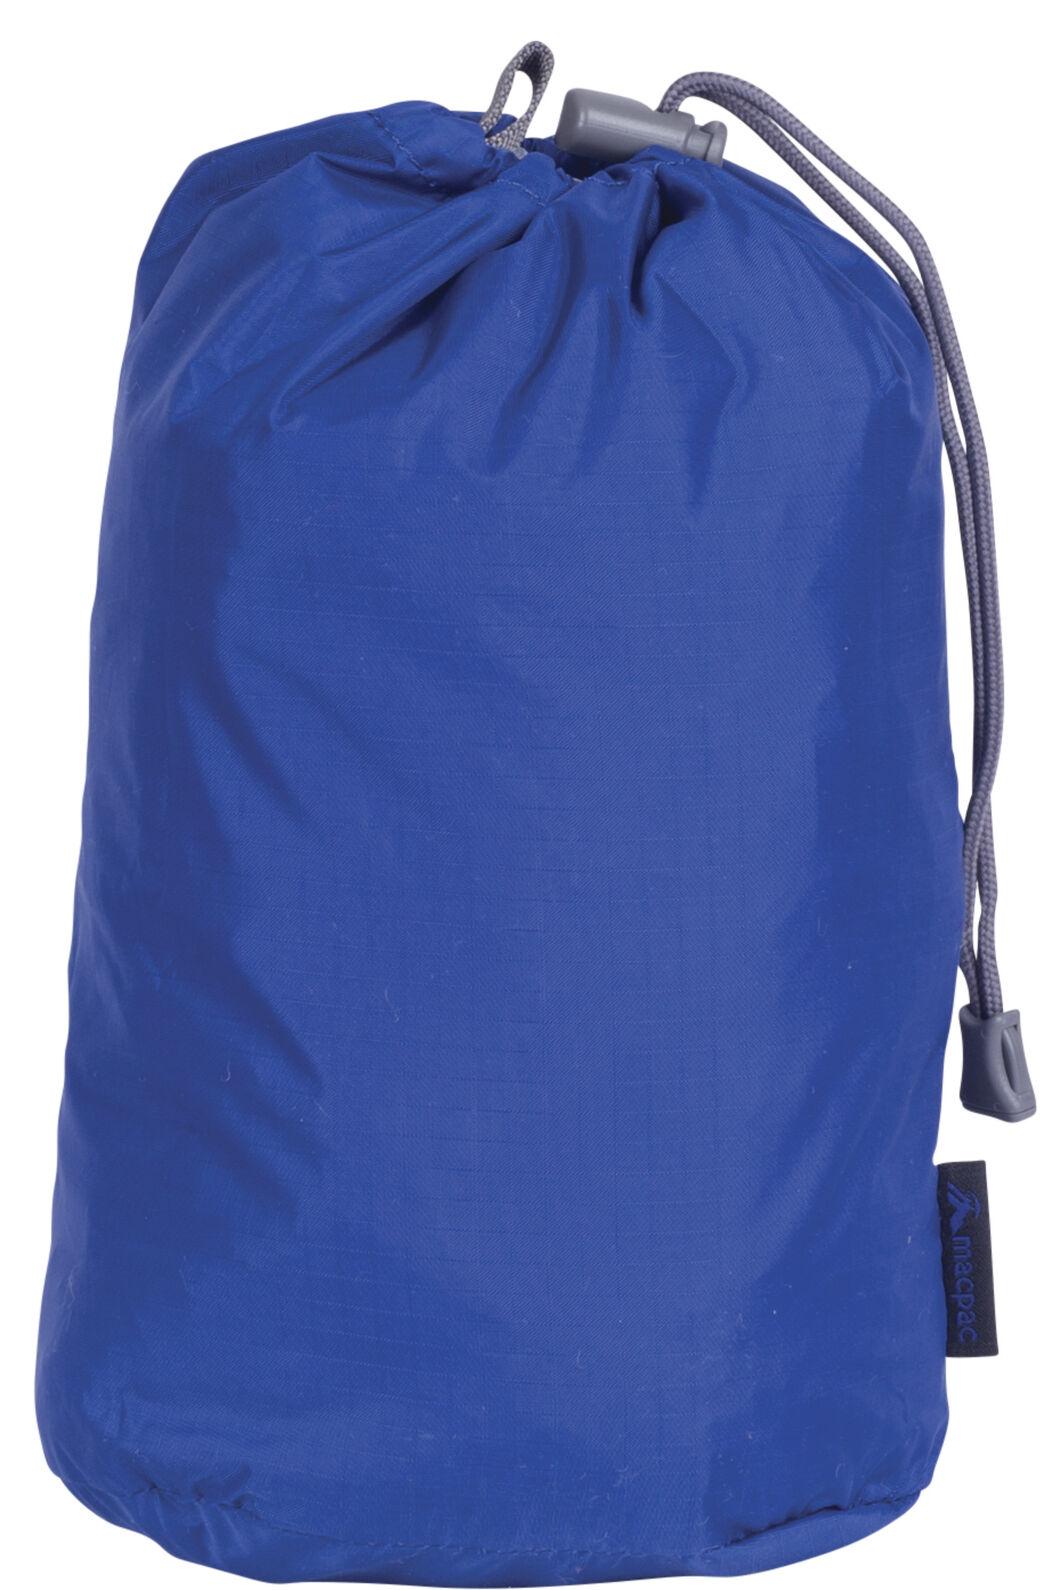 Macpac Small Stuff Sack, Sodalite Blue, hi-res